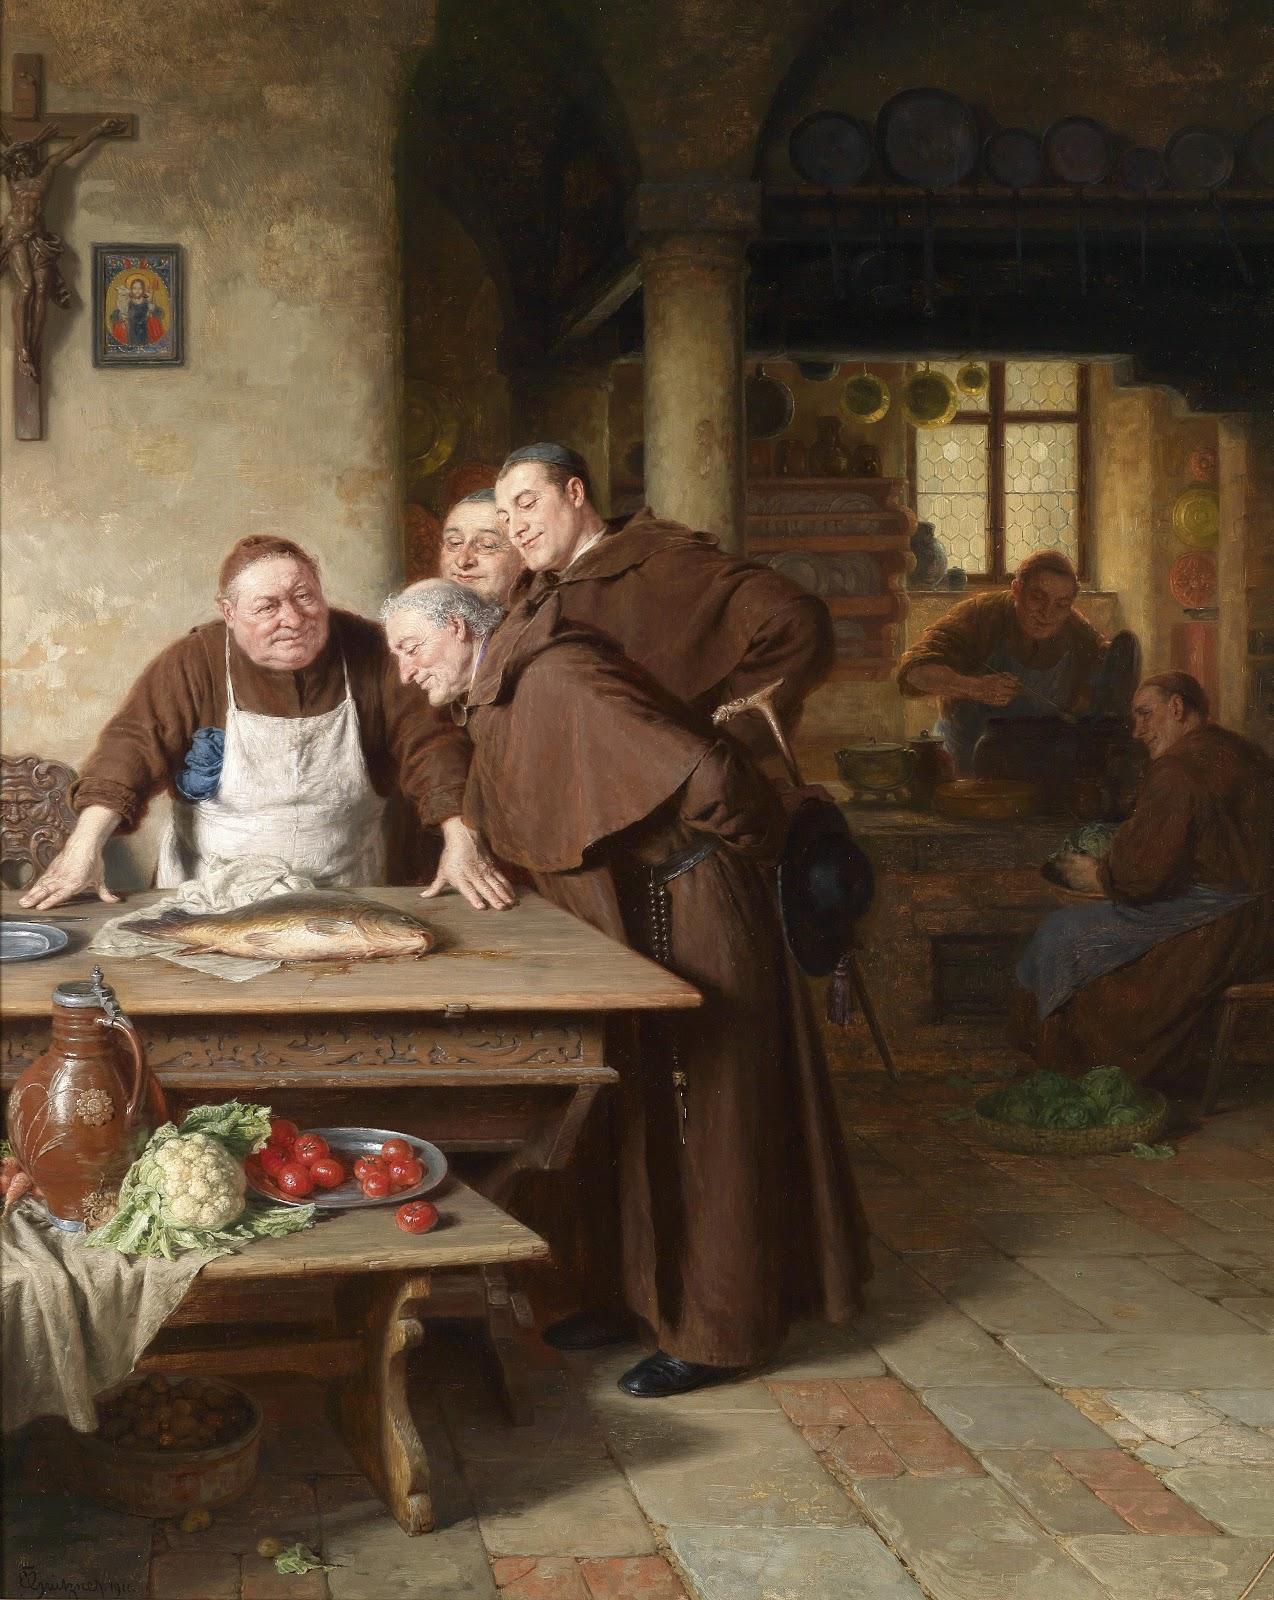 Eduard_Grützner_In_der_Klosterküche_1911.jpg